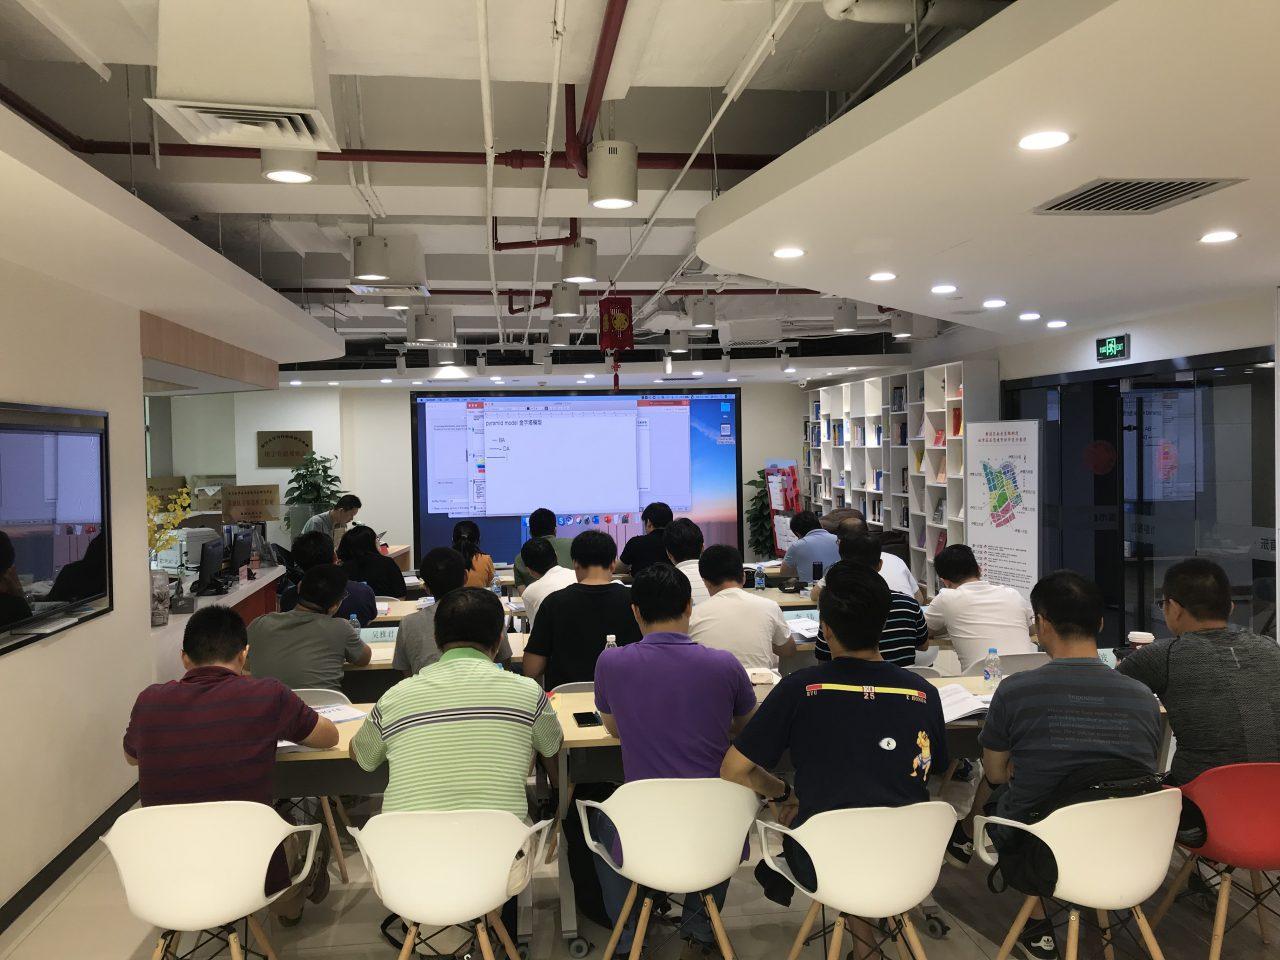 艾威第38期Togaf企业架构师培训班于上海成功展开!